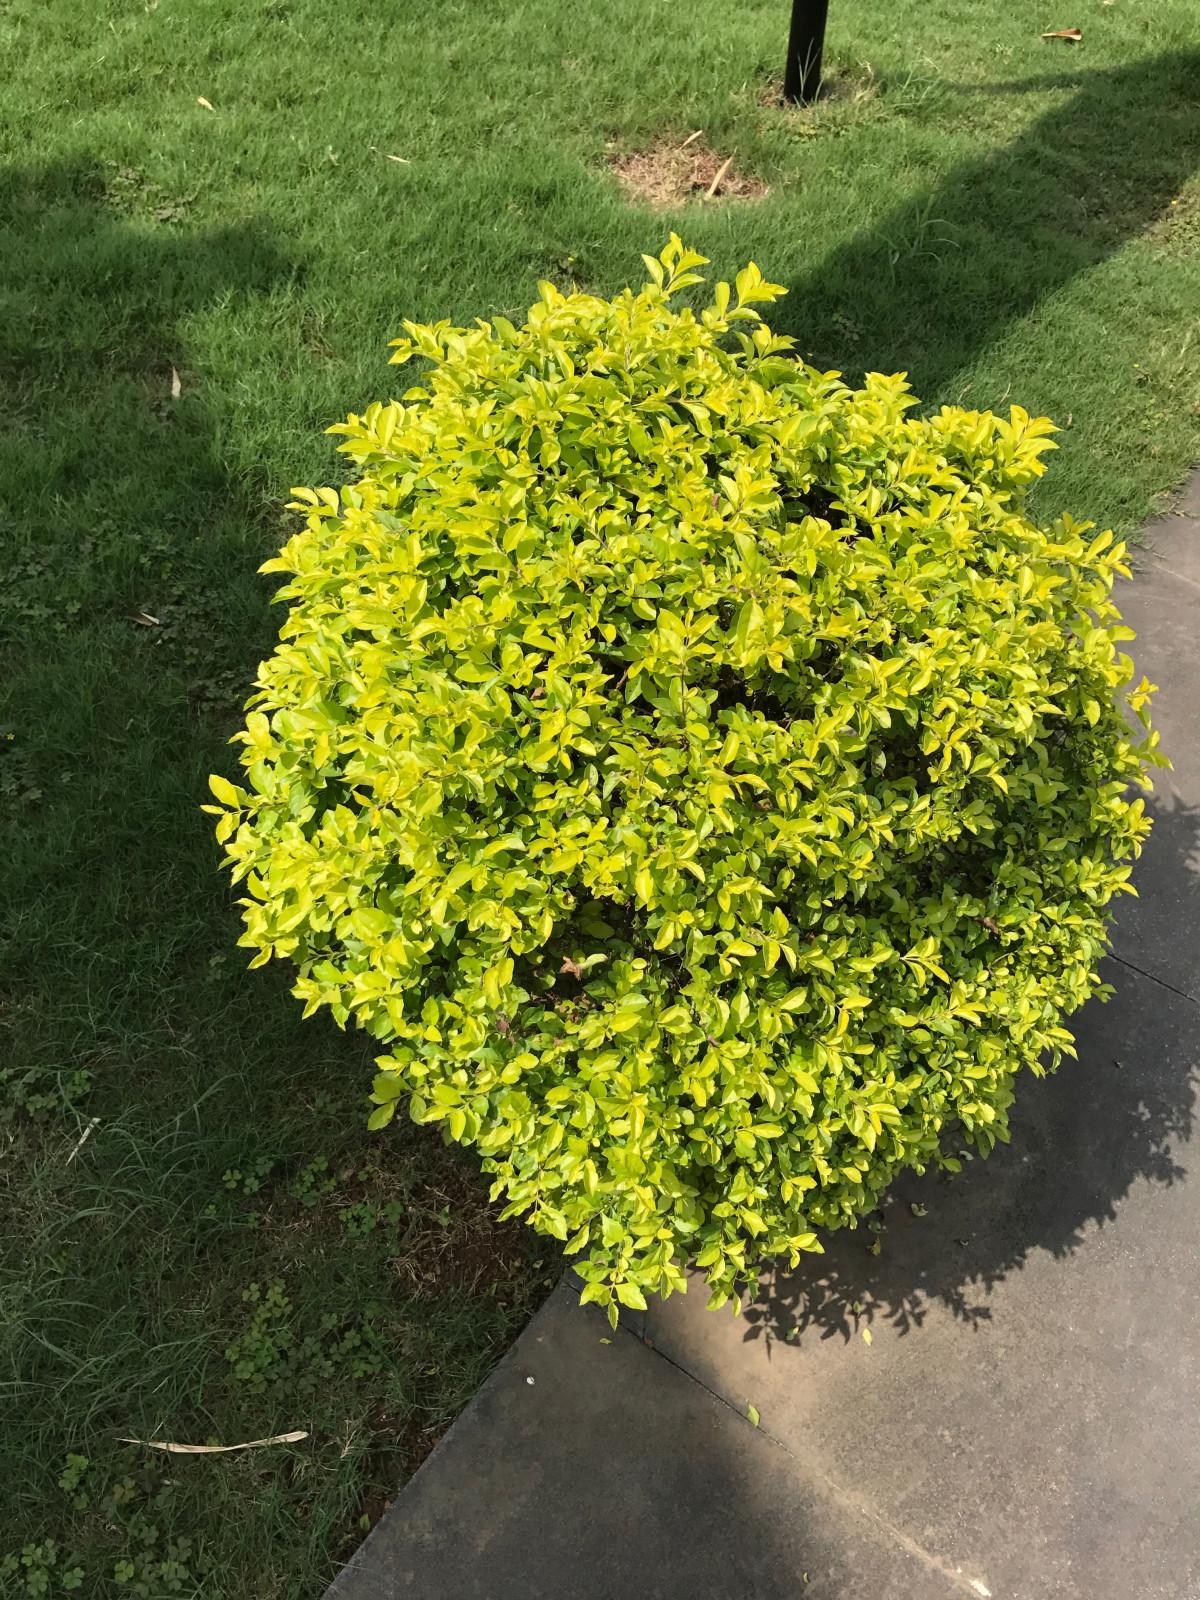 Images Gratuites : arbre, feuille, fleur, vert, à feuilles persistantes, botanique, jaune ...